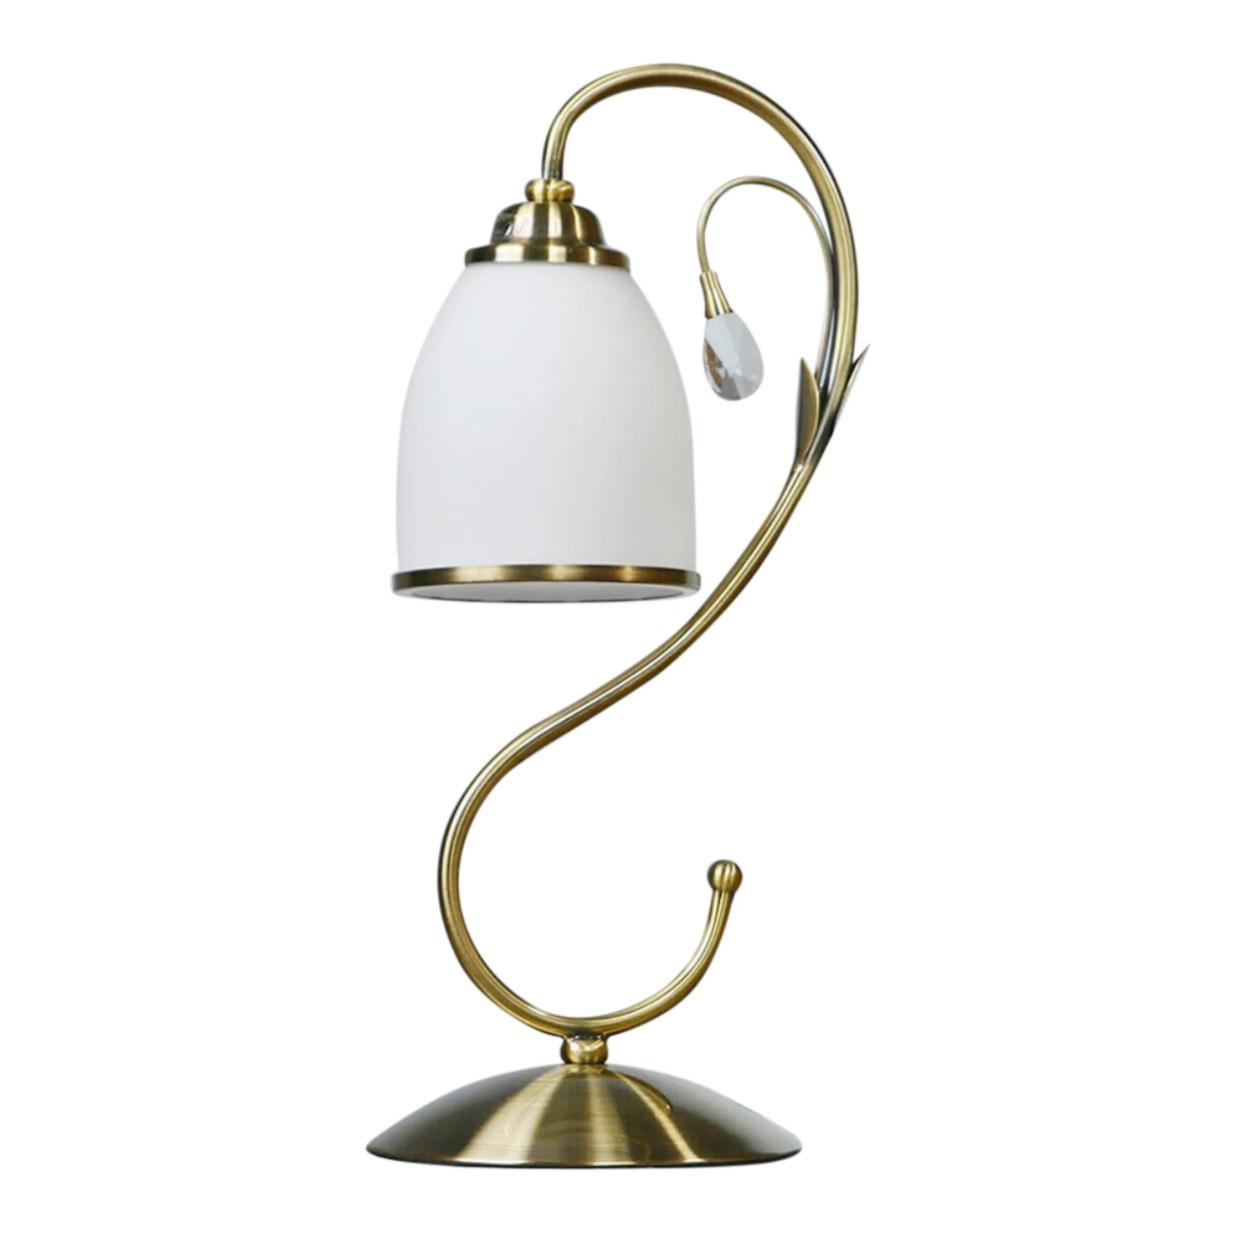 Лампа настольная Brizzi ma 02640t/001 bronze настольная лампа brizzi ma 01625t 001 bronze cream